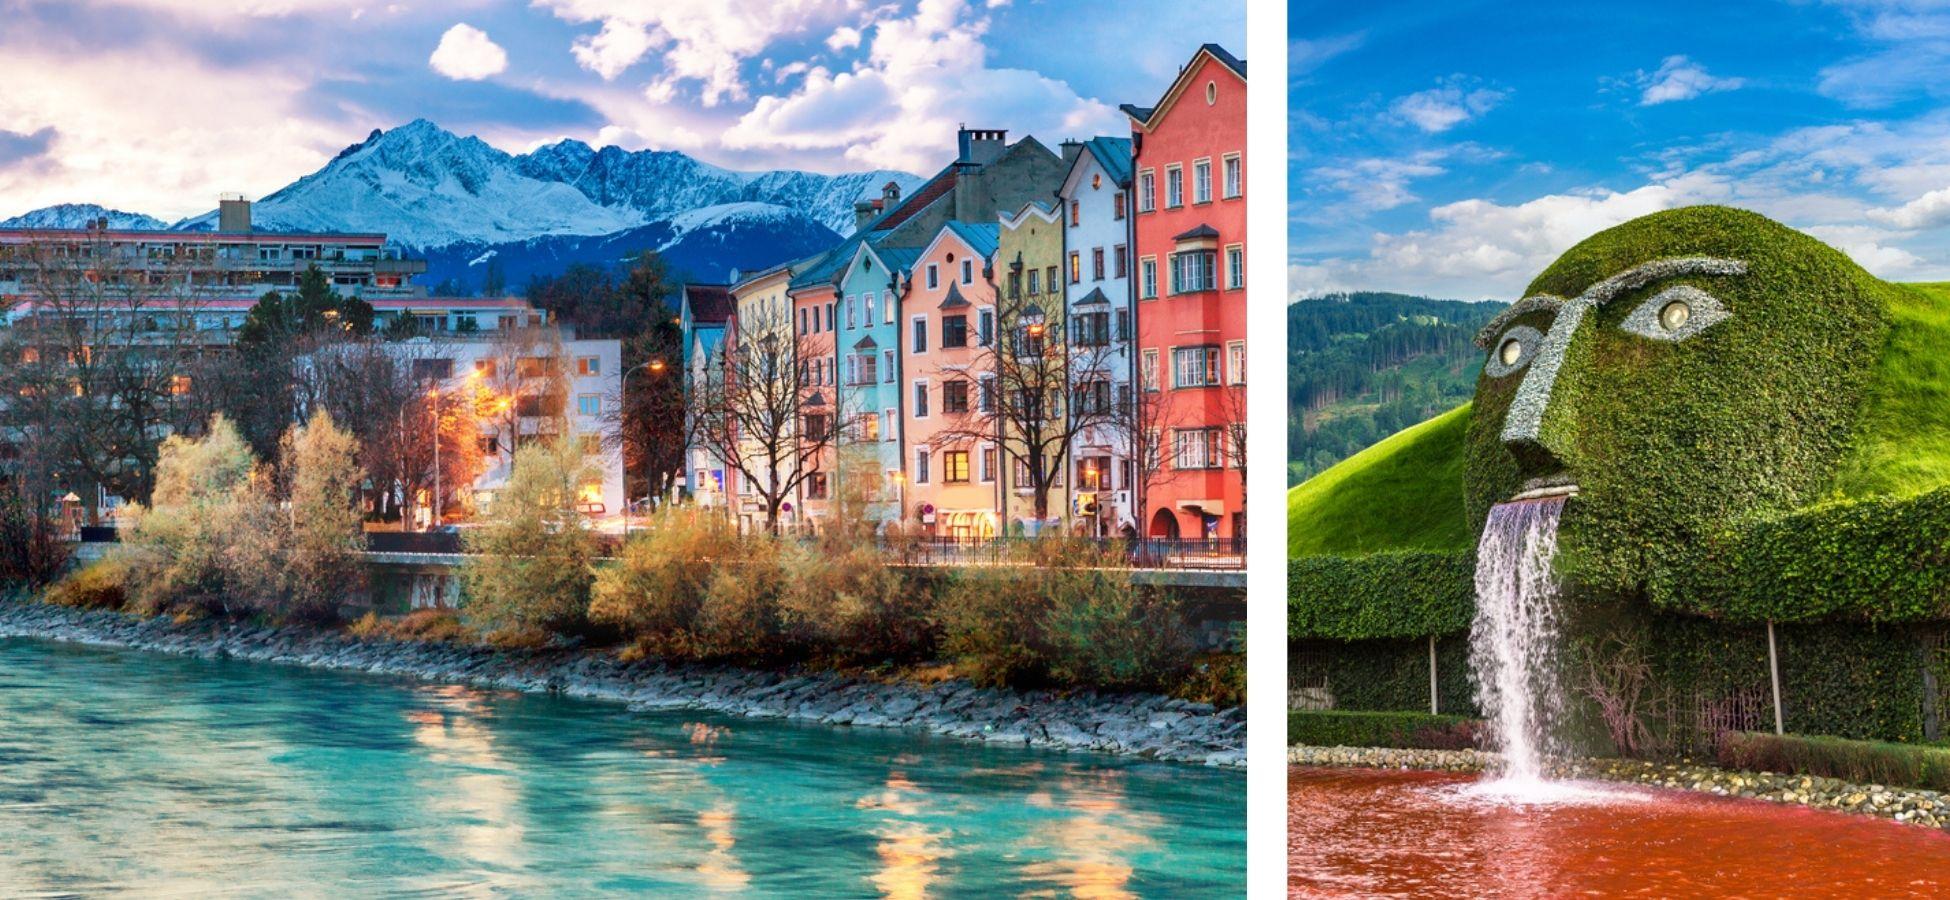 Innsbruck - Sissi l'impératrice